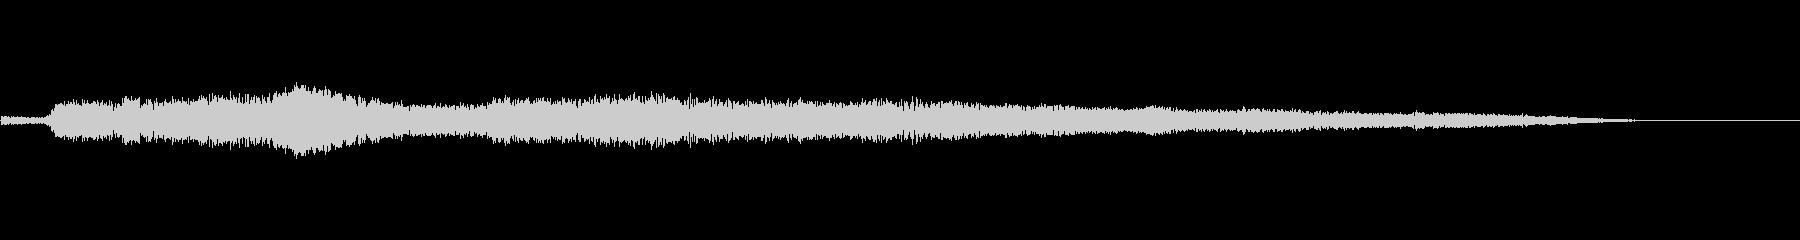 エイリアンブリーズ;大きな生き物の...の未再生の波形